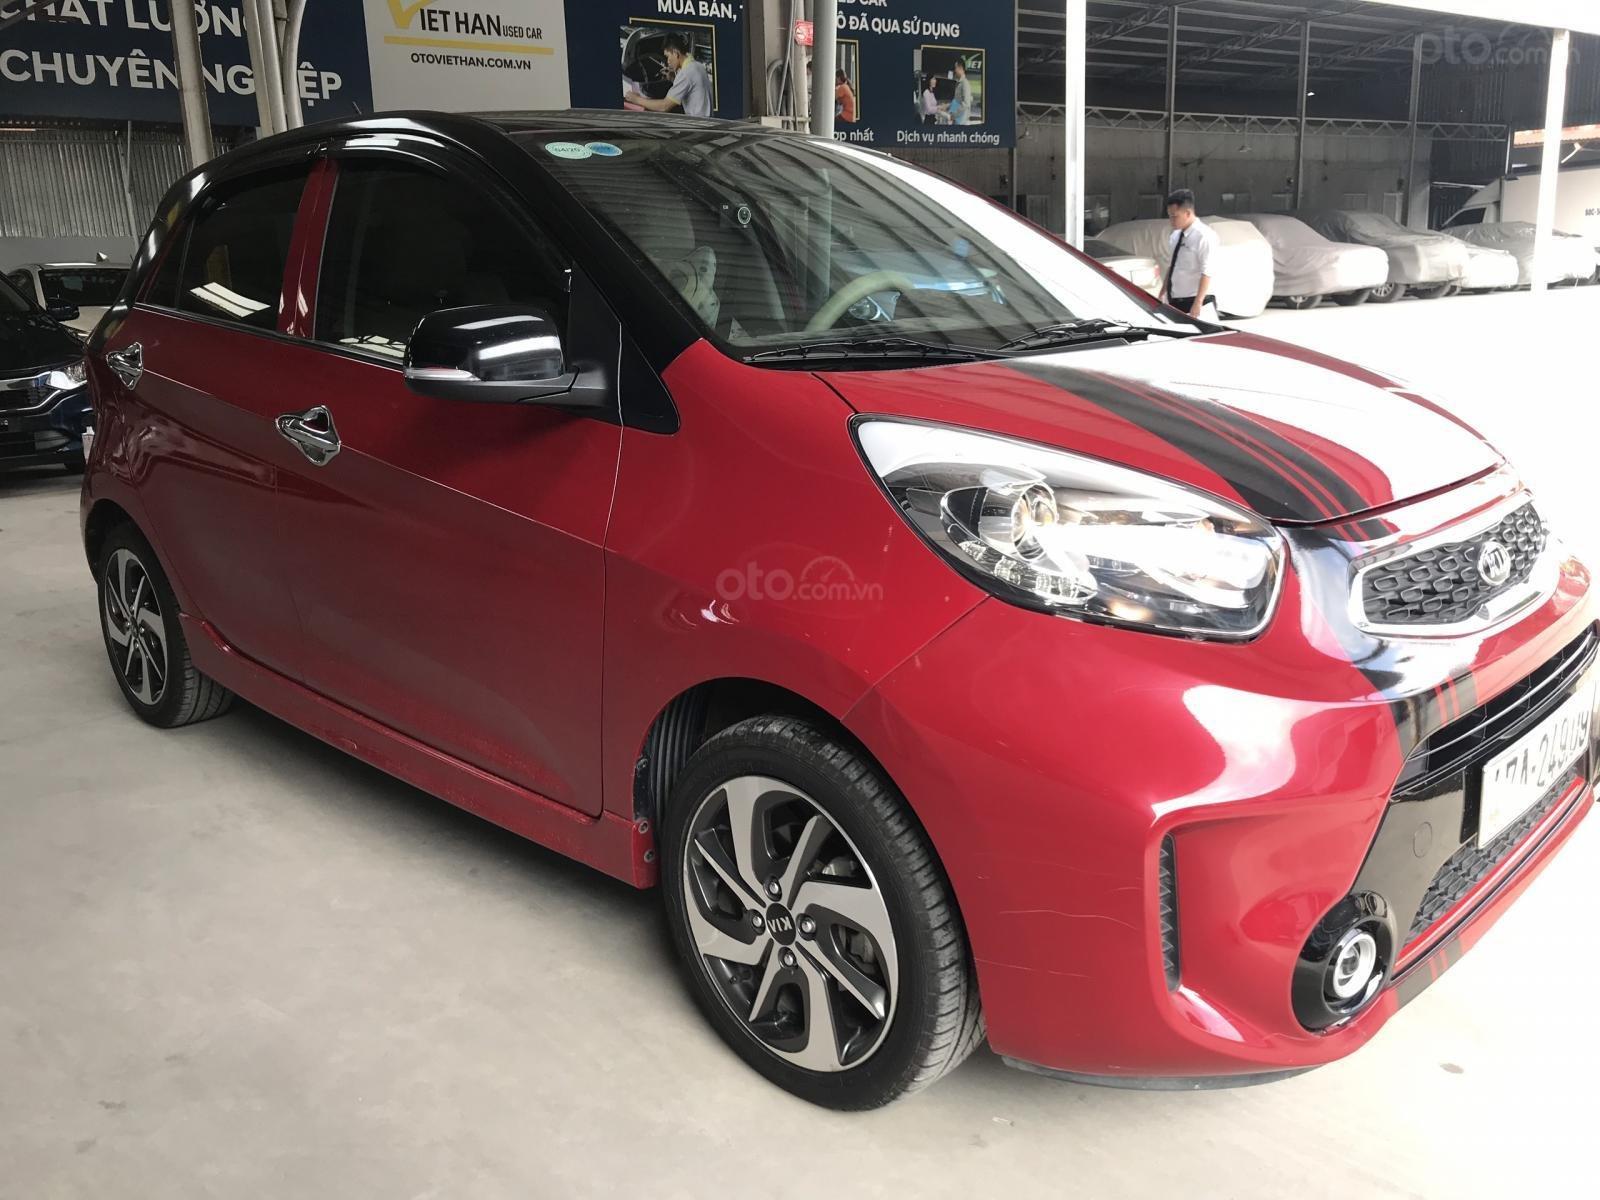 Bán Kia Morning Si 1.25MT màu đỏ số sàn sản xuất 2018 mẫu mới 2019 (2)